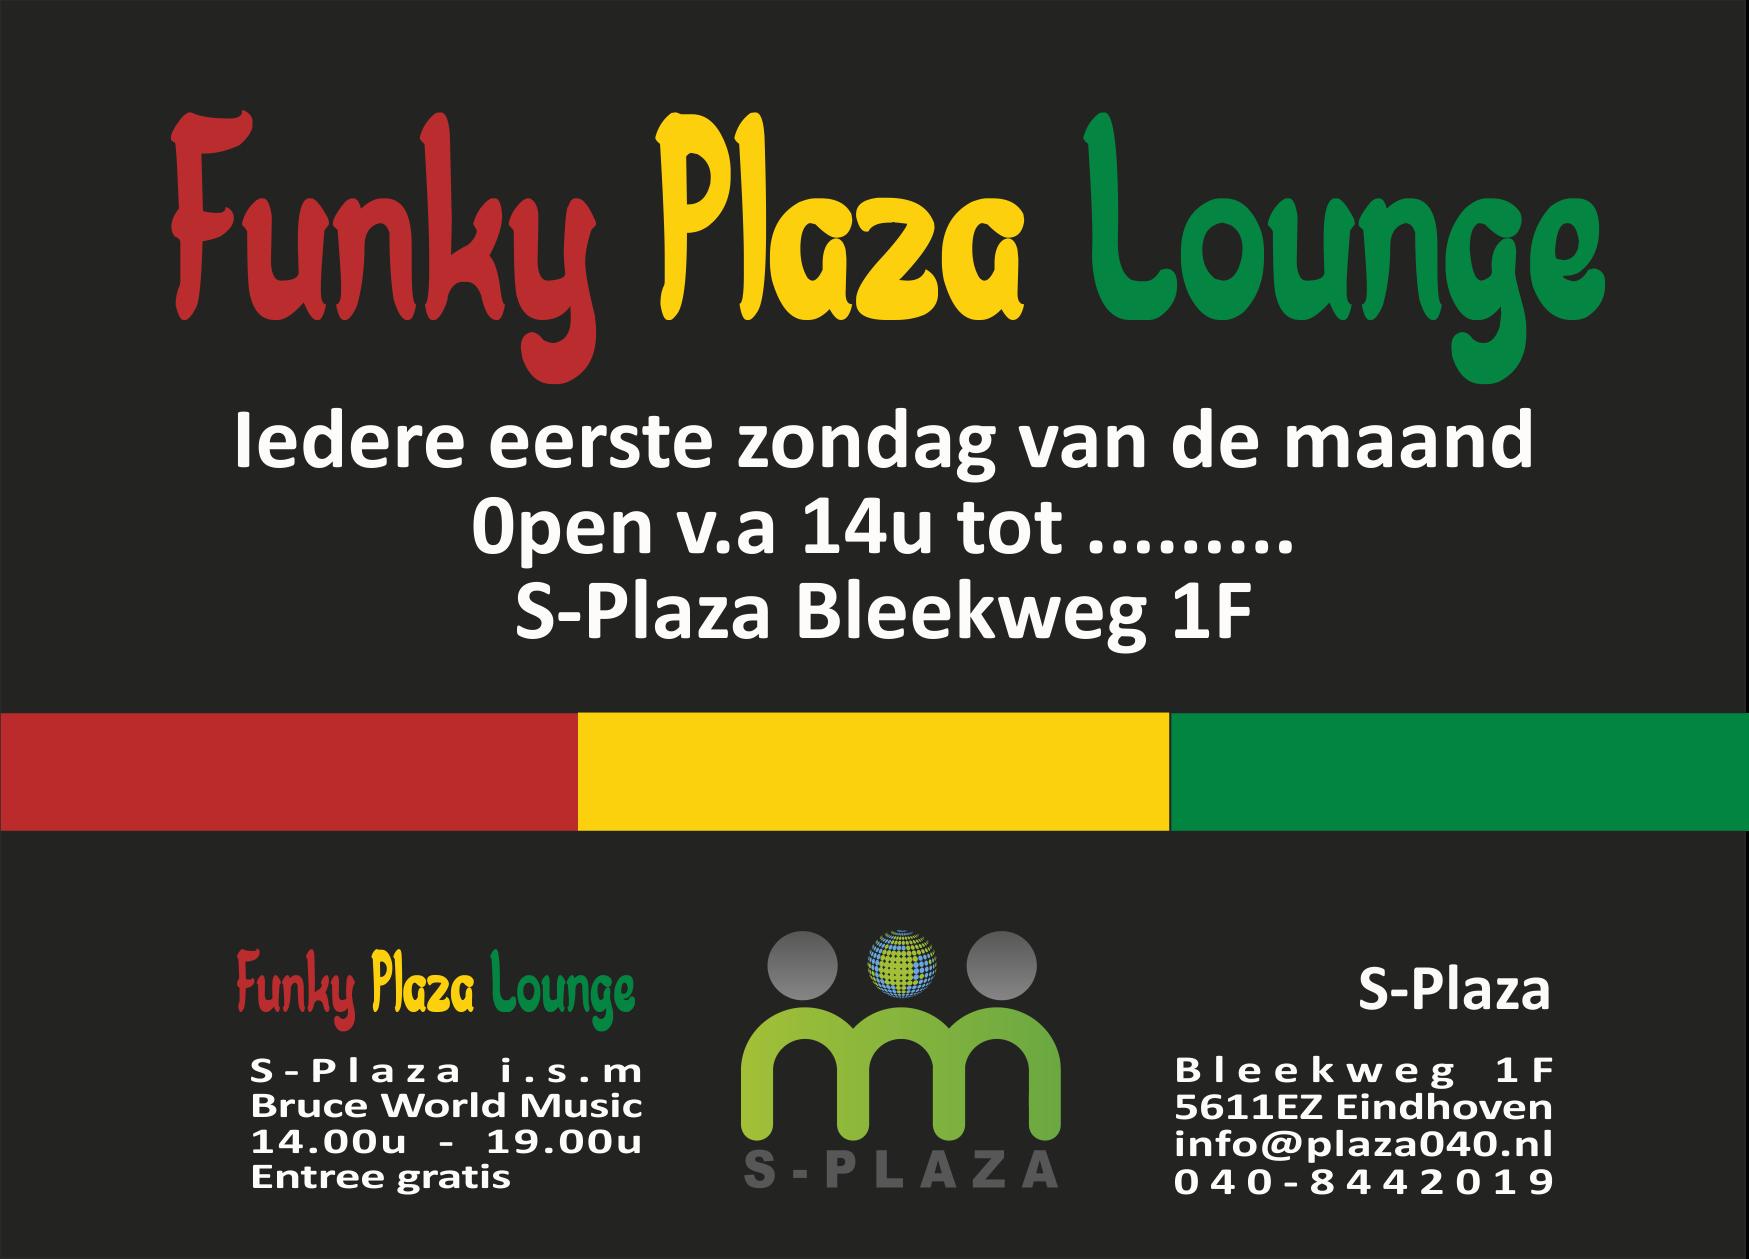 170927 Funky Plaza Lounge algemene poster zondagen